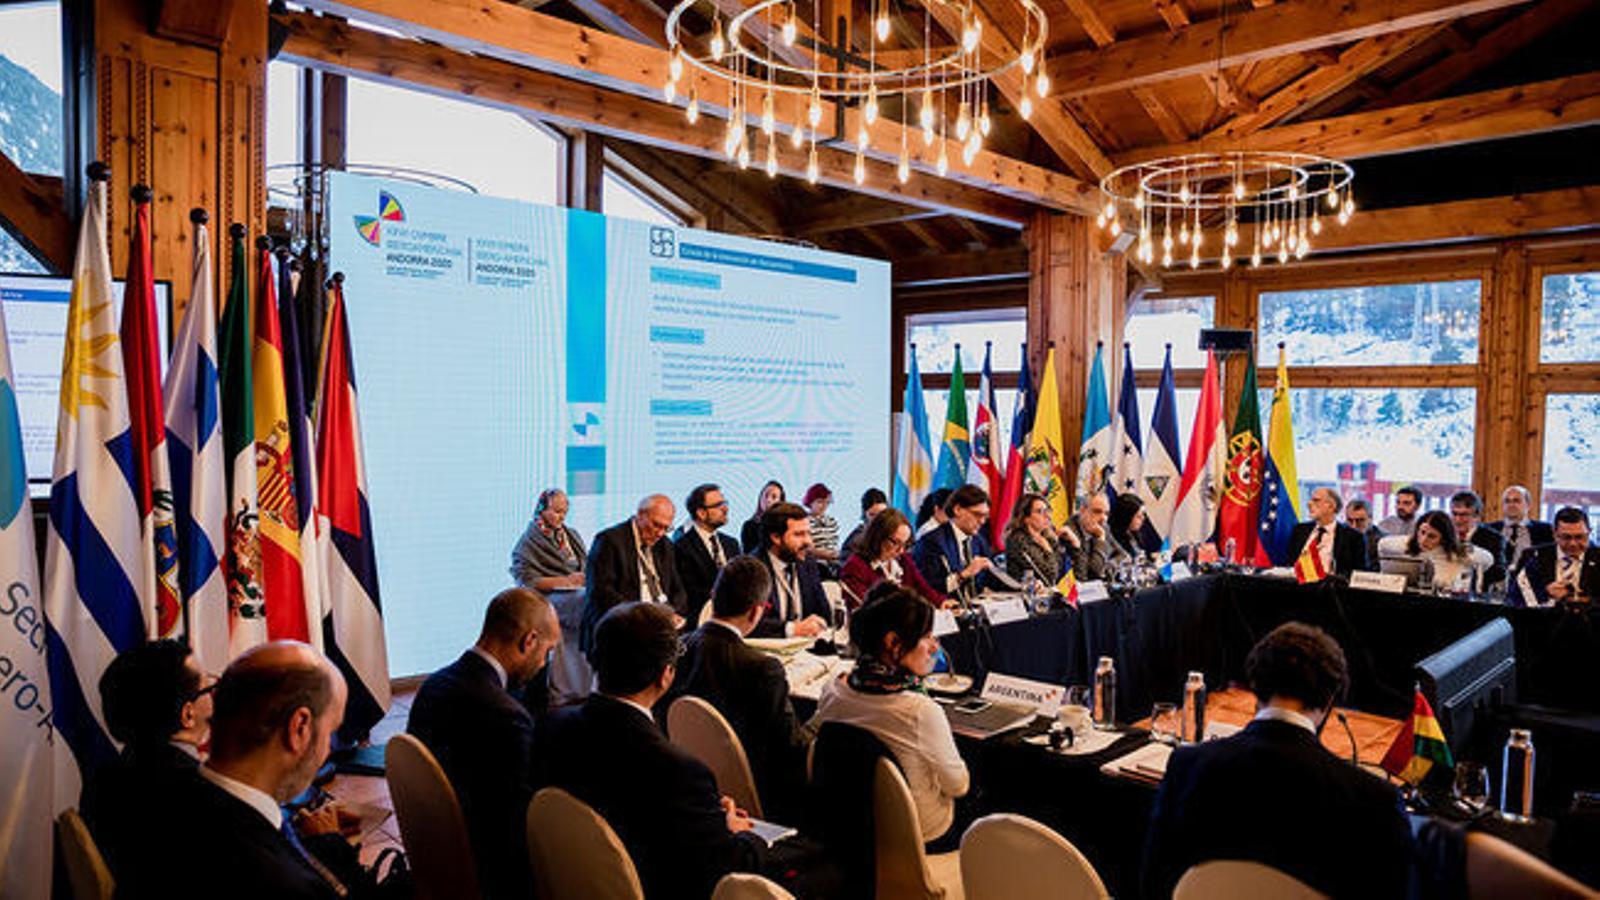 La cimera de ministres d'Afers Exteriors celebrada a Soldeu. / ARXIU ANA